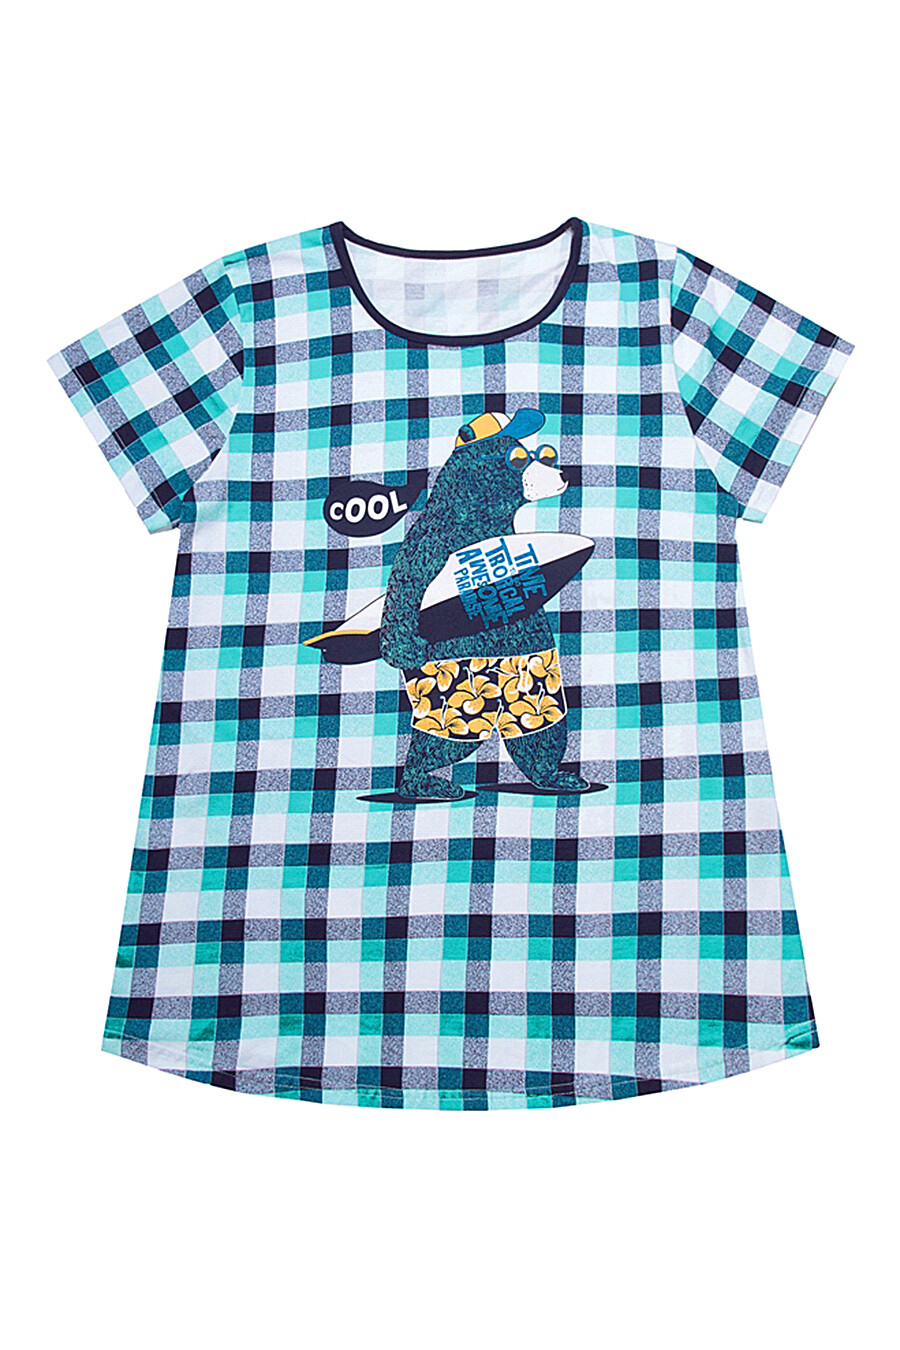 Джемпер для женщин Archi 131145 купить оптом от производителя. Совместная покупка женской одежды в OptMoyo